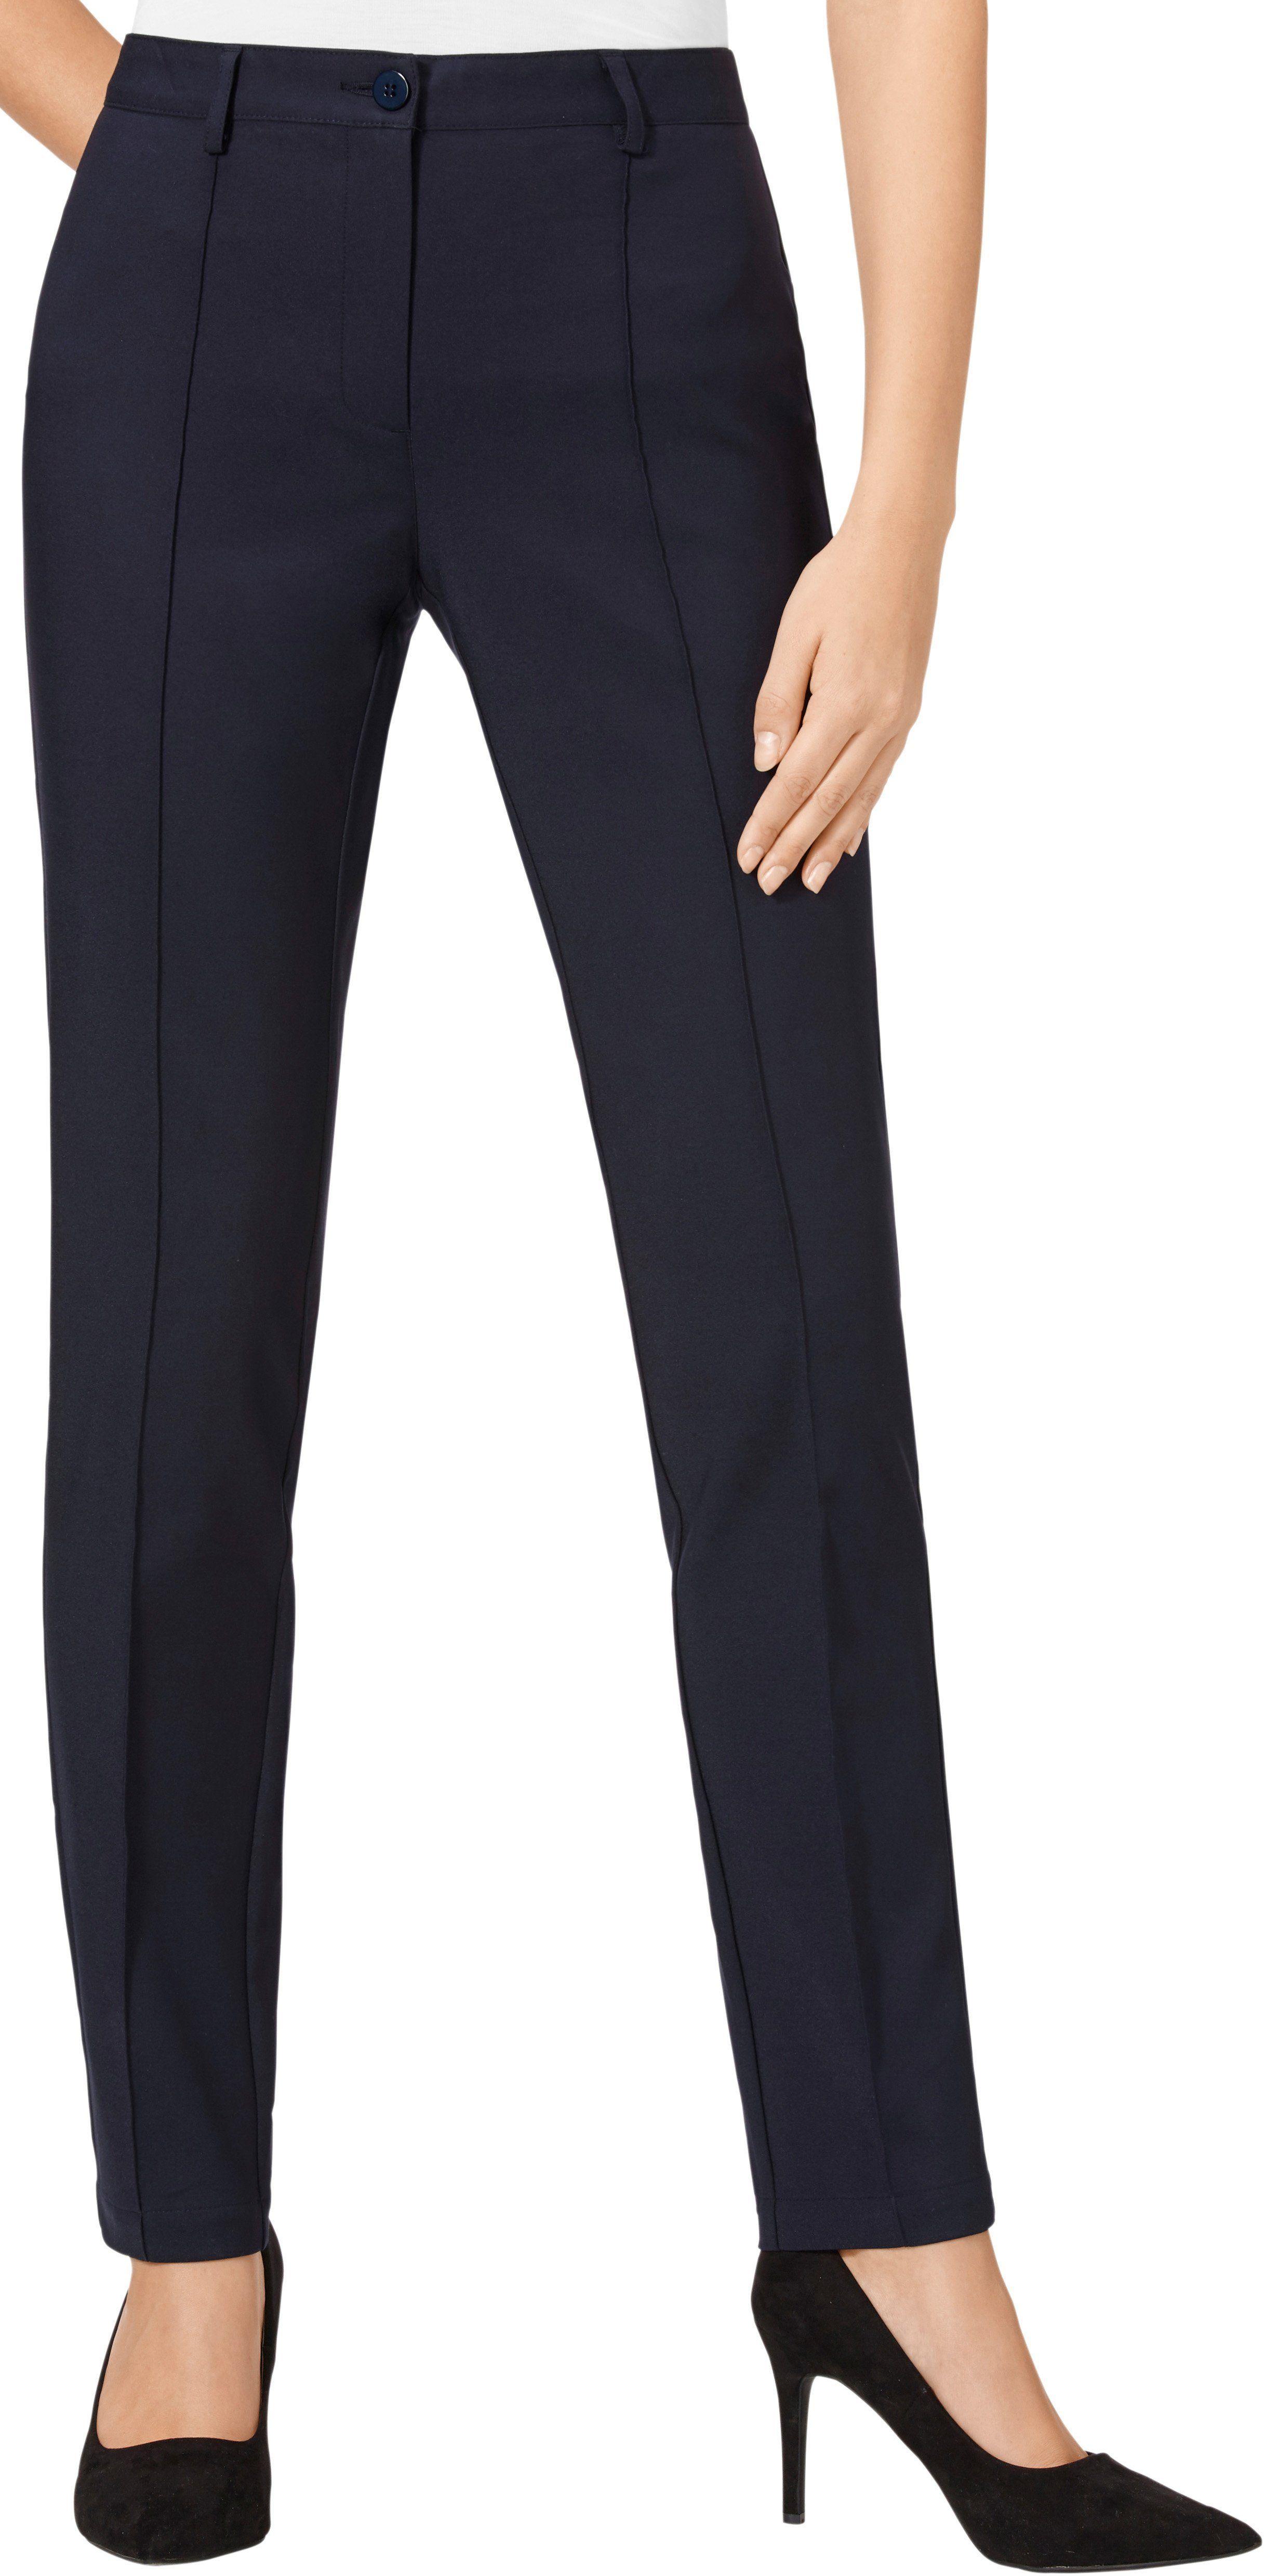 Damen Classic Basics Hose Mit Abgesteppten Biesen Blau Rot Weiss 08935267234474 Mode Ootd Outfit Fashion S Fashion Fashion Outfits Outfits